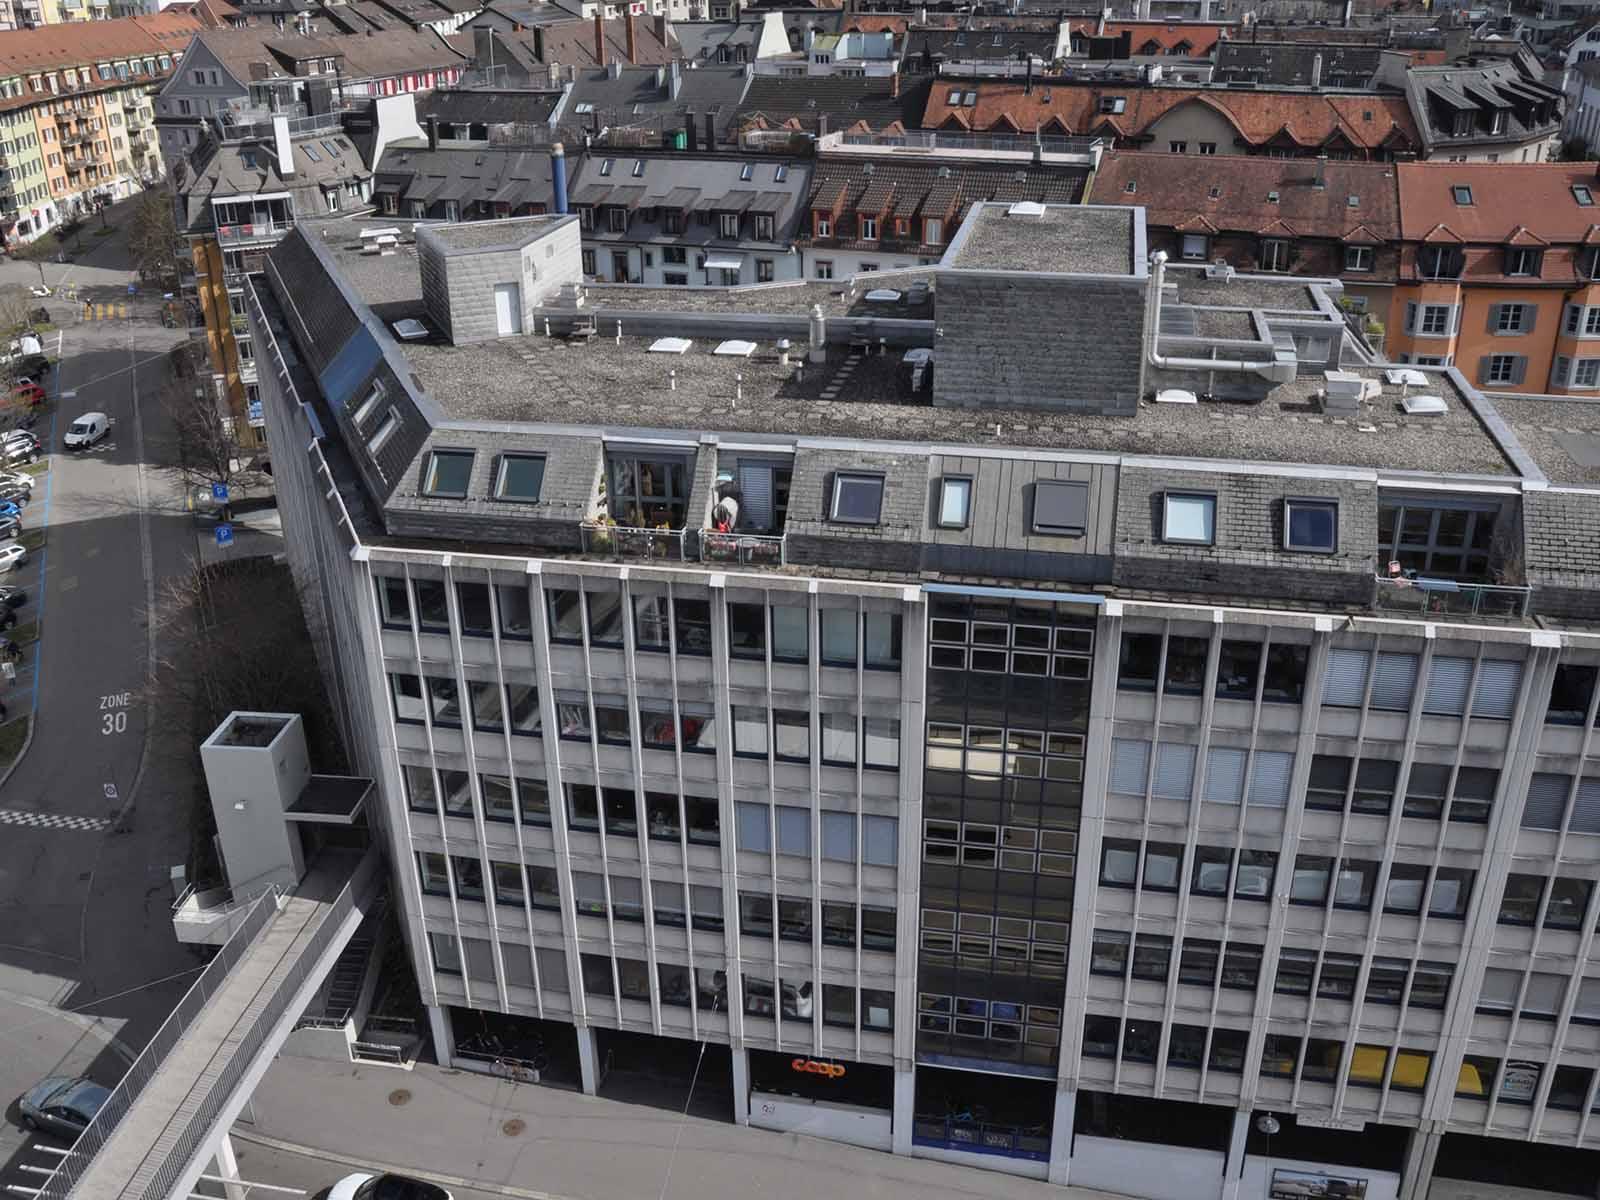 In diese Ecke des Gebäudekomplexes soll das neue «Sozialzentrum Wipkingerplatz» einziehen können.